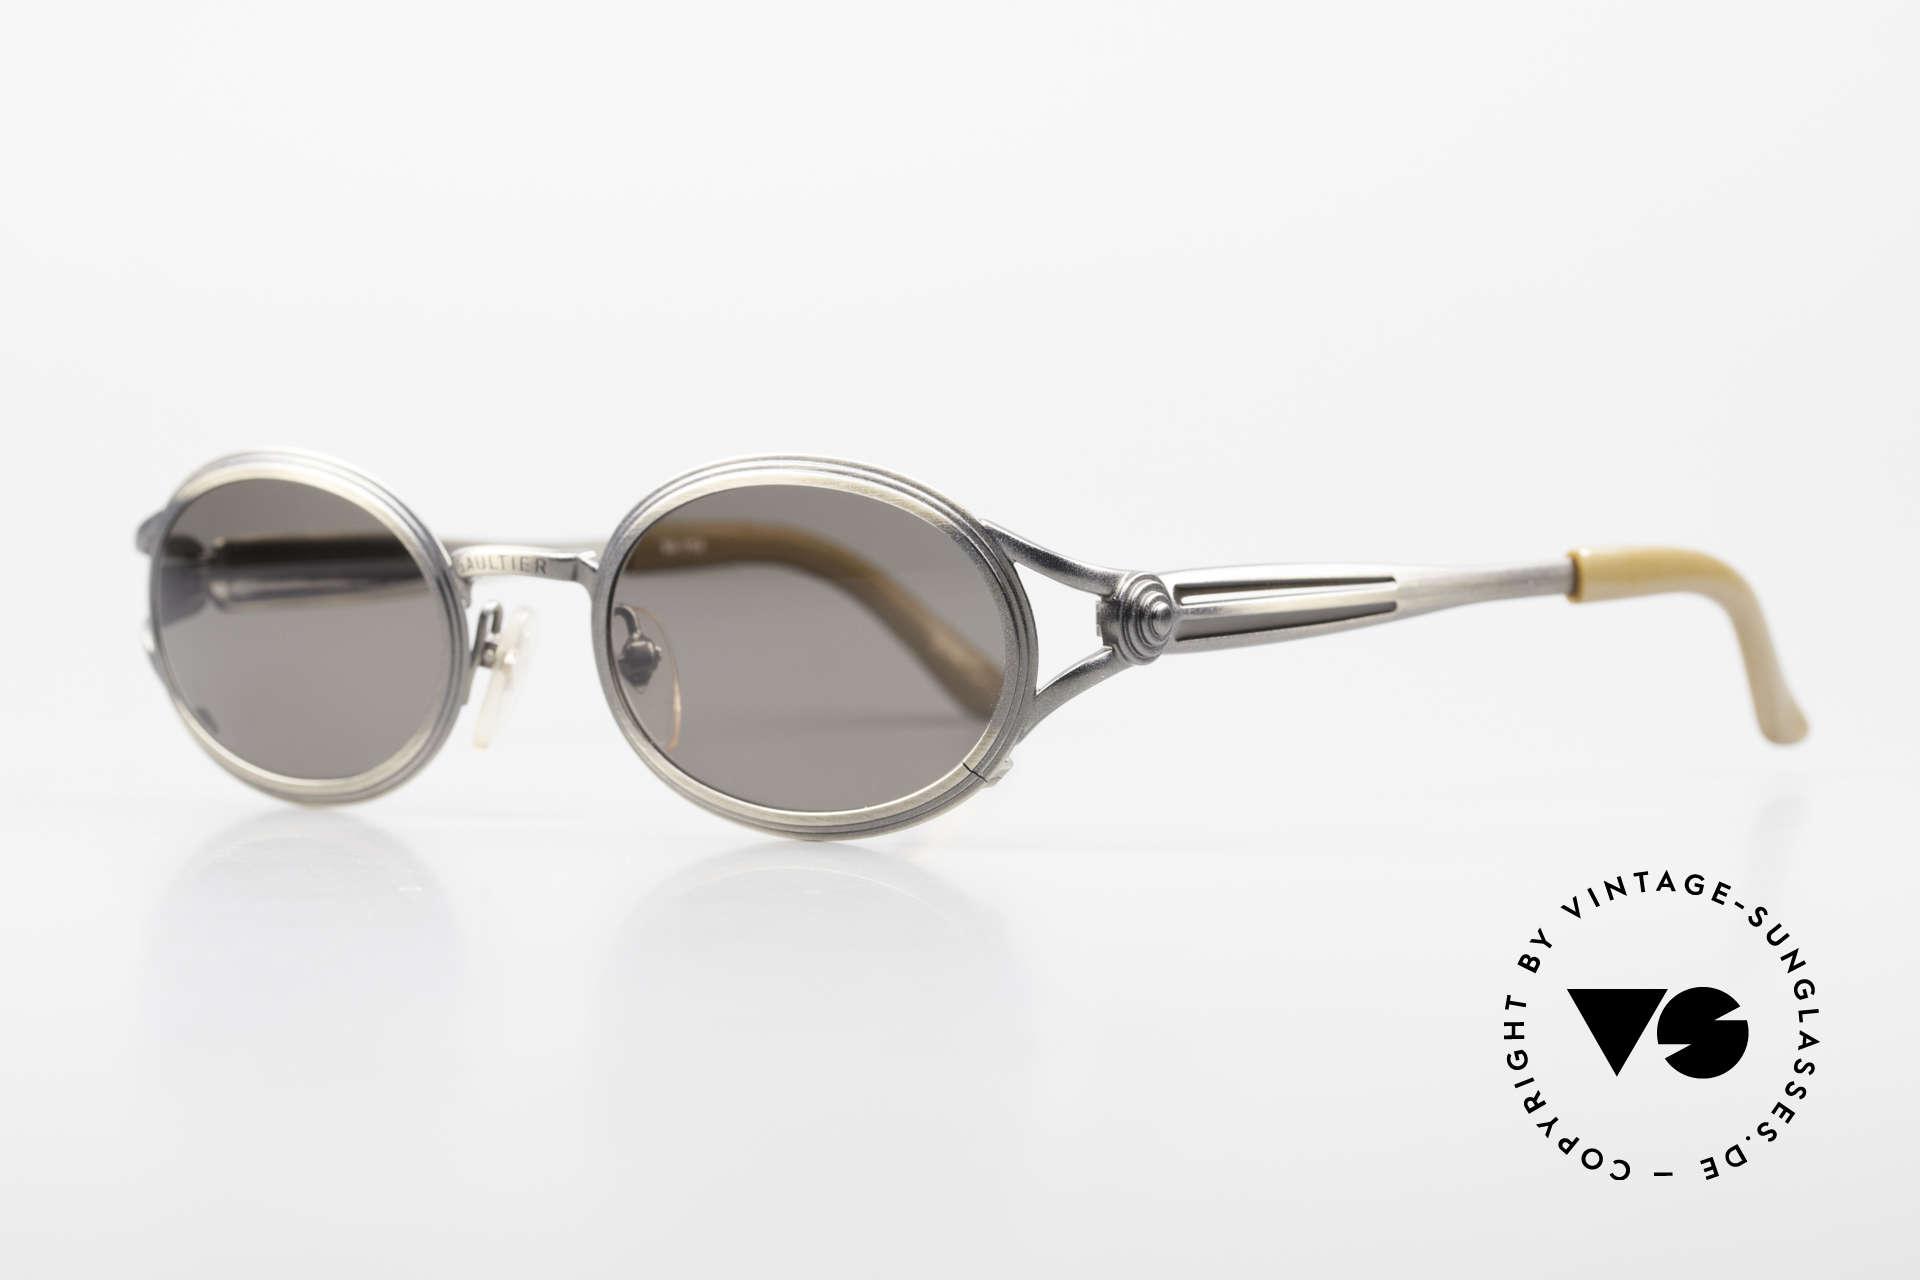 Jean Paul Gaultier 56-7114 Ovale Steampunk Sonnenbrille, ungetragene Rarität für Kunst- und Mode-Liebhaber, Passend für Herren und Damen